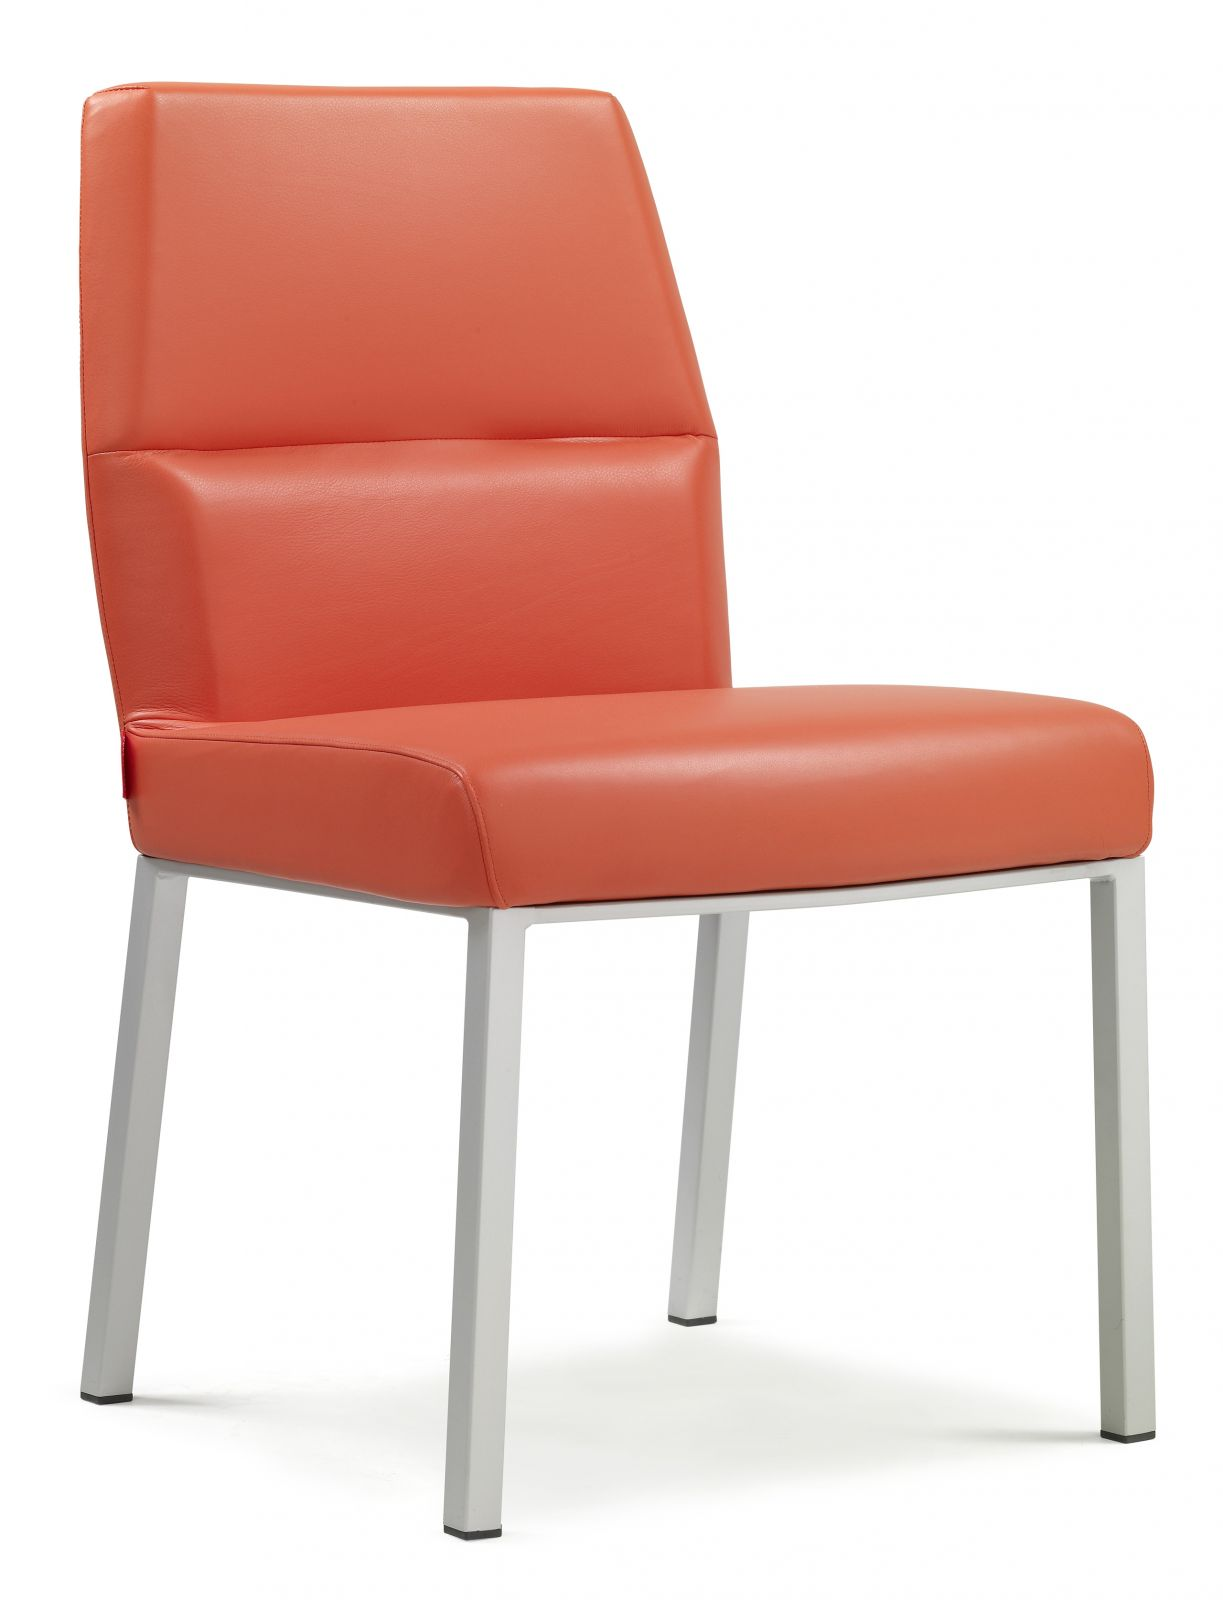 MOF 139 Modern Office Chair